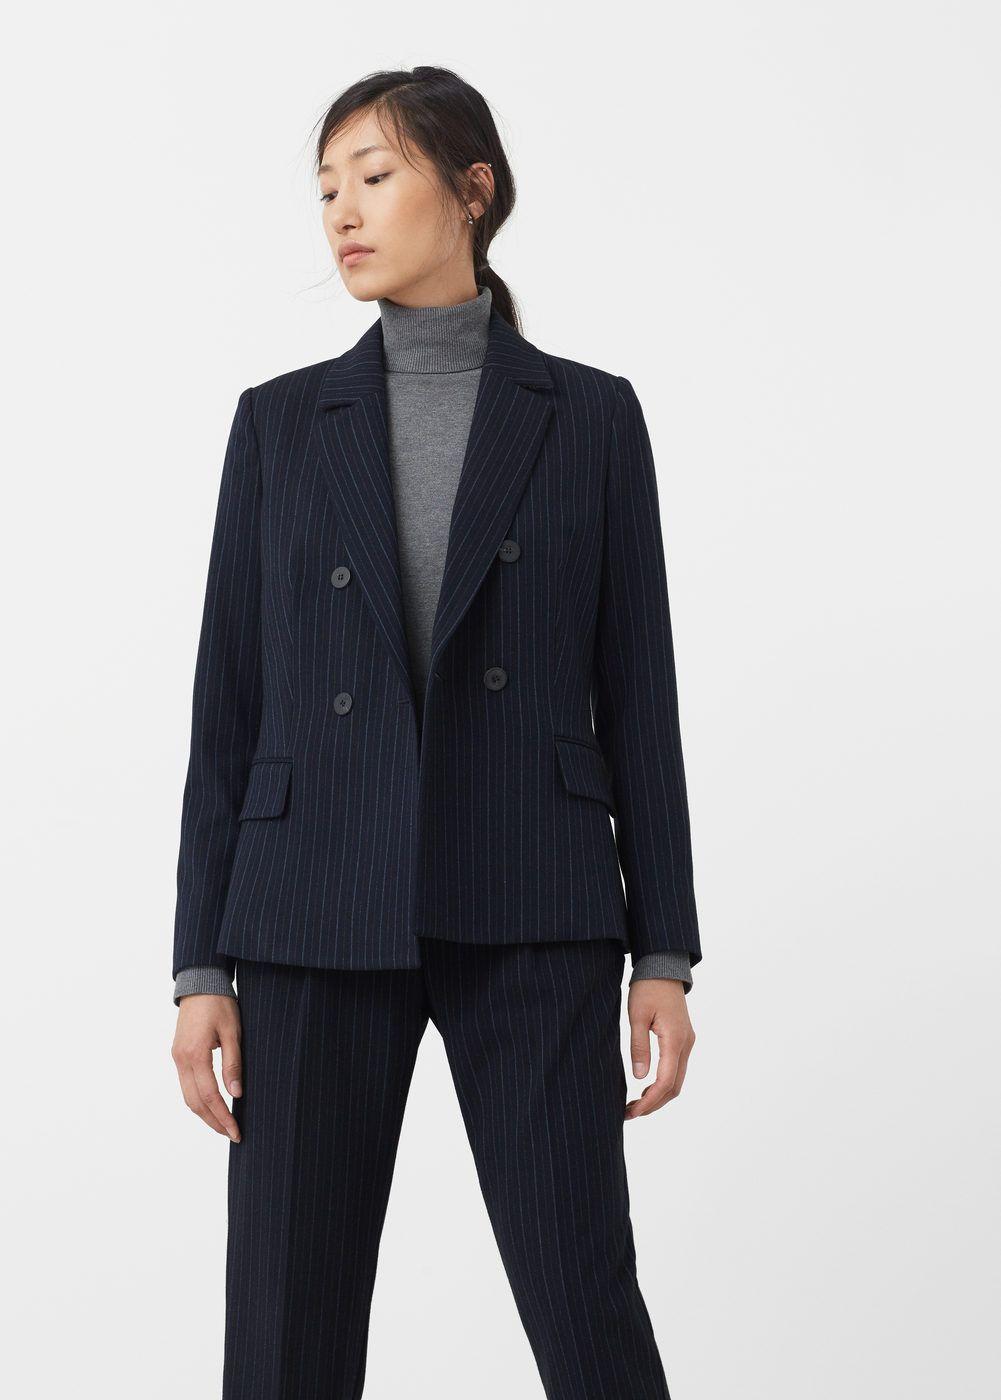 comprar seleccione para el despacho reputación primero Americana traje raya diplomática - Mujer | zara, bershka ...